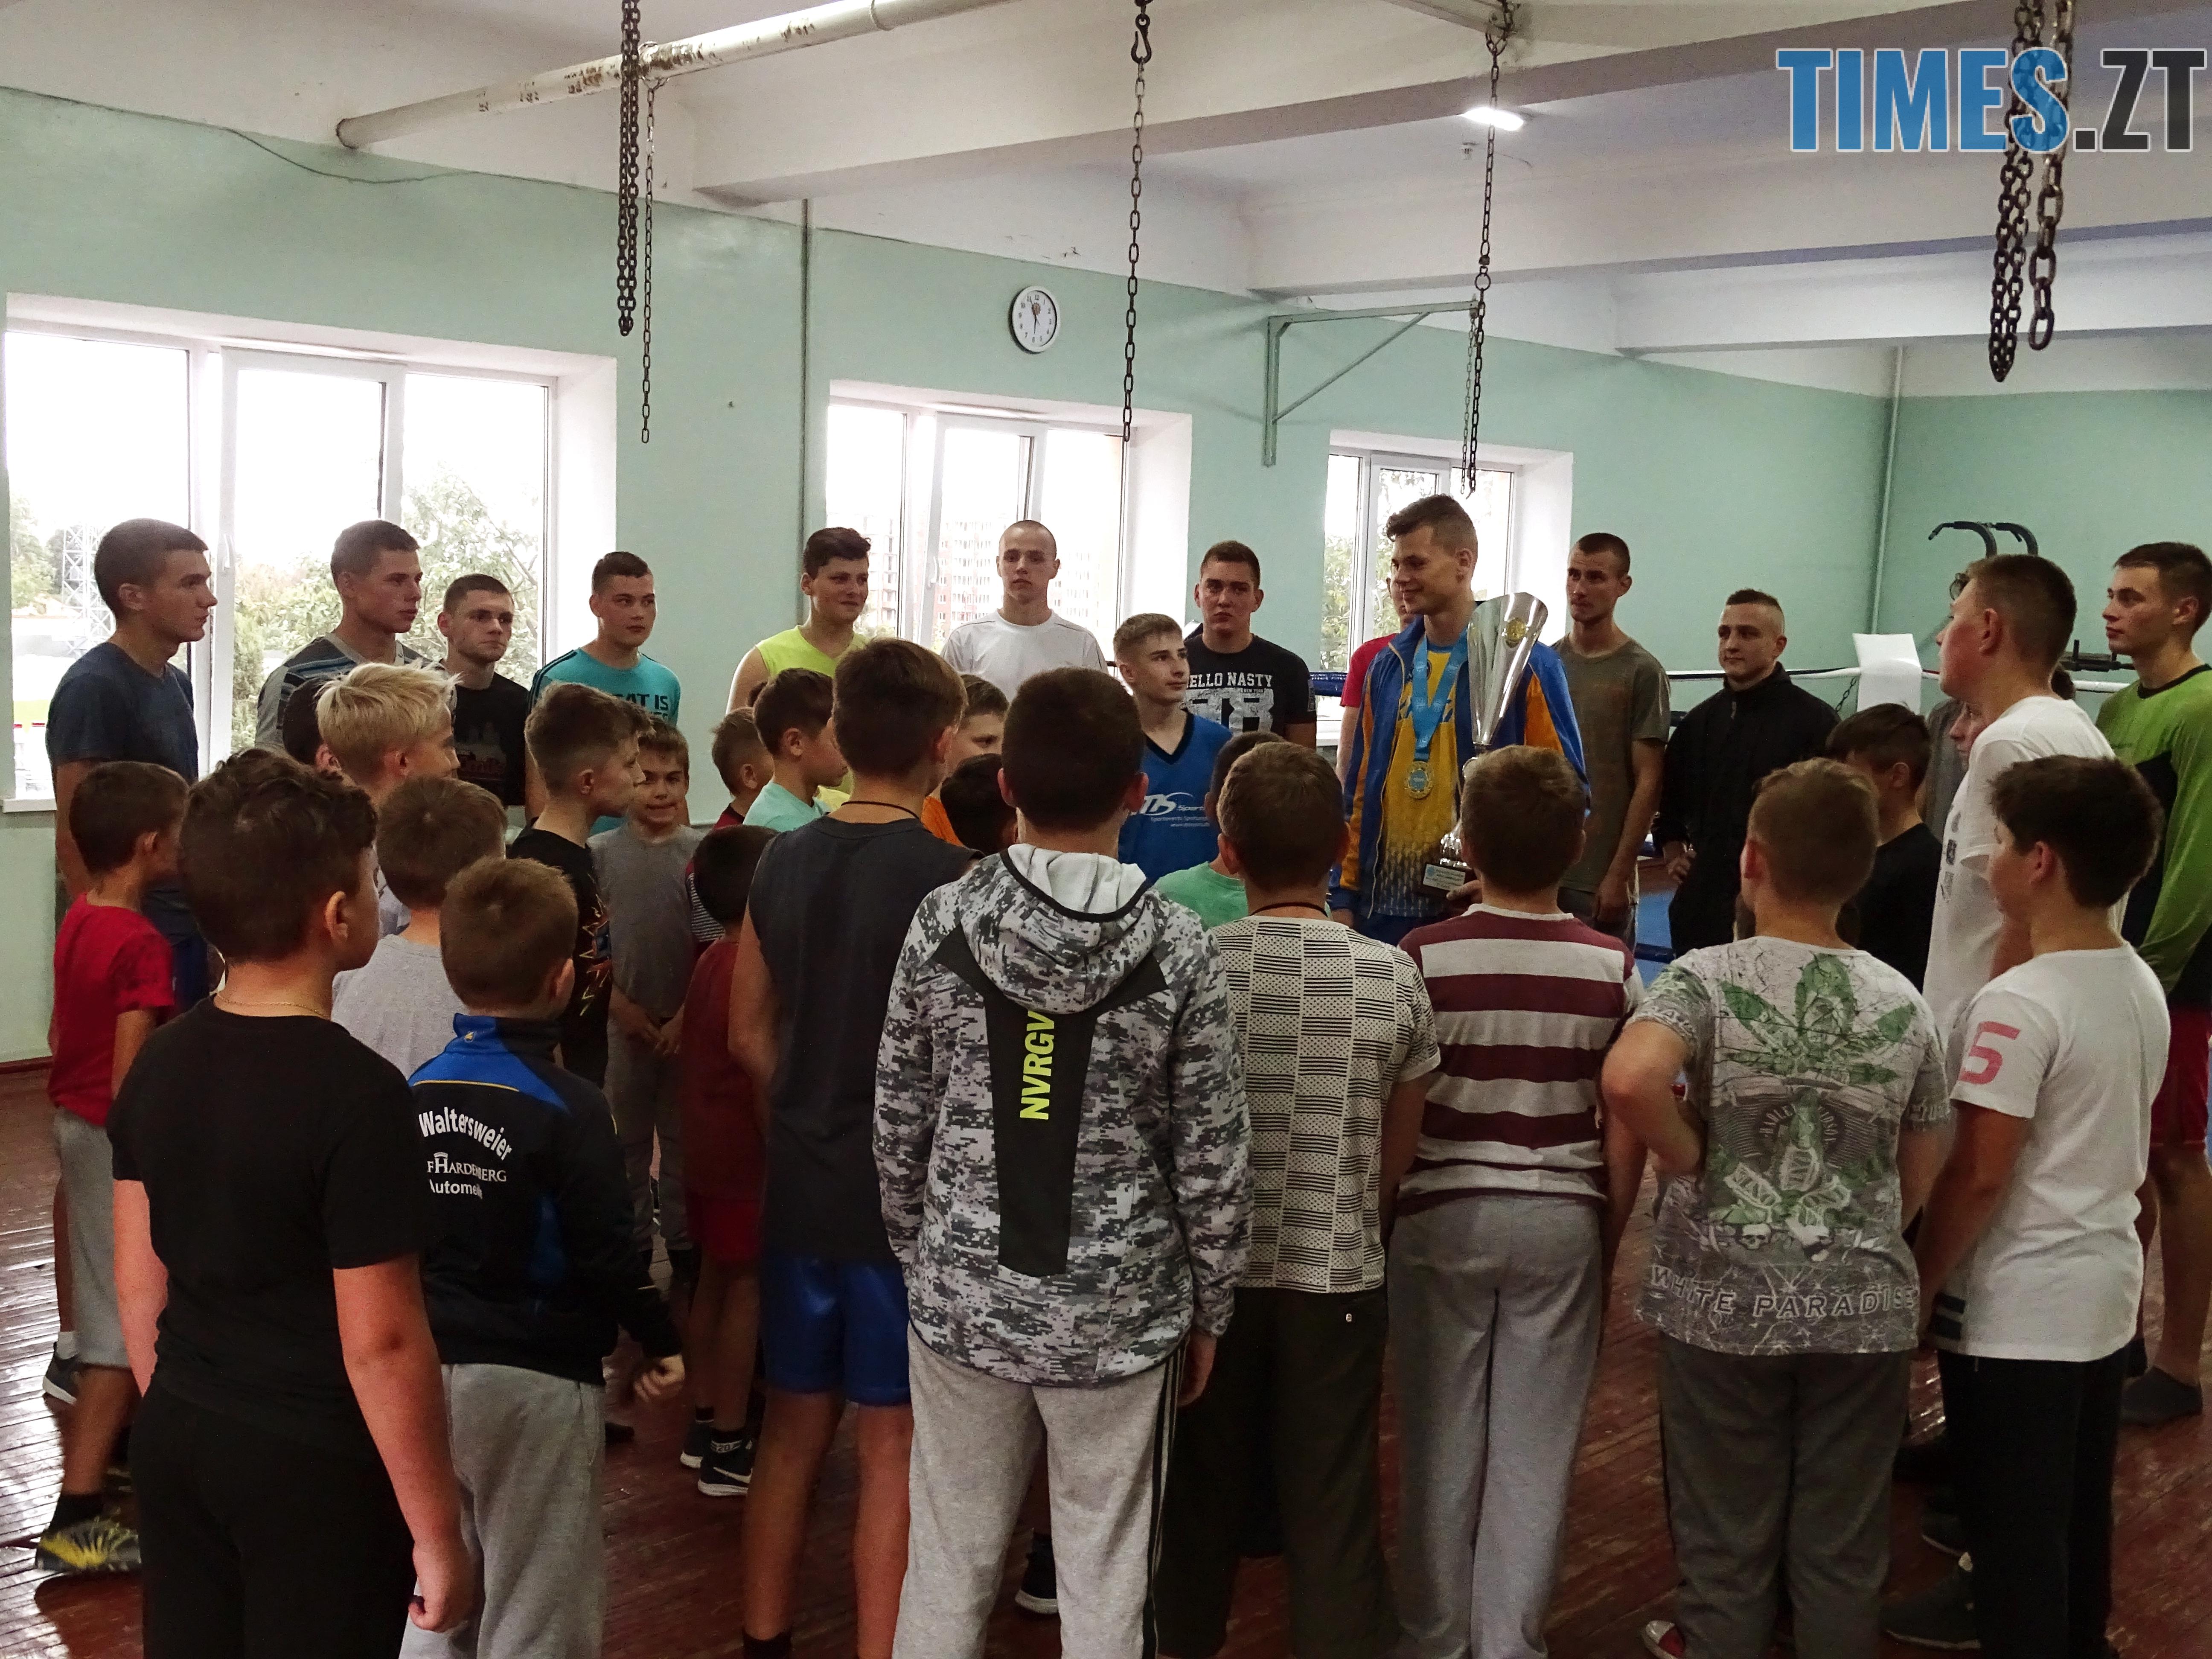 DSC02016 - Як одноклубники зустріли житомирського кікбоксера Артема Мельника, який став чемпіоном світу-2018 WAKO серед молоді (ФОТО)